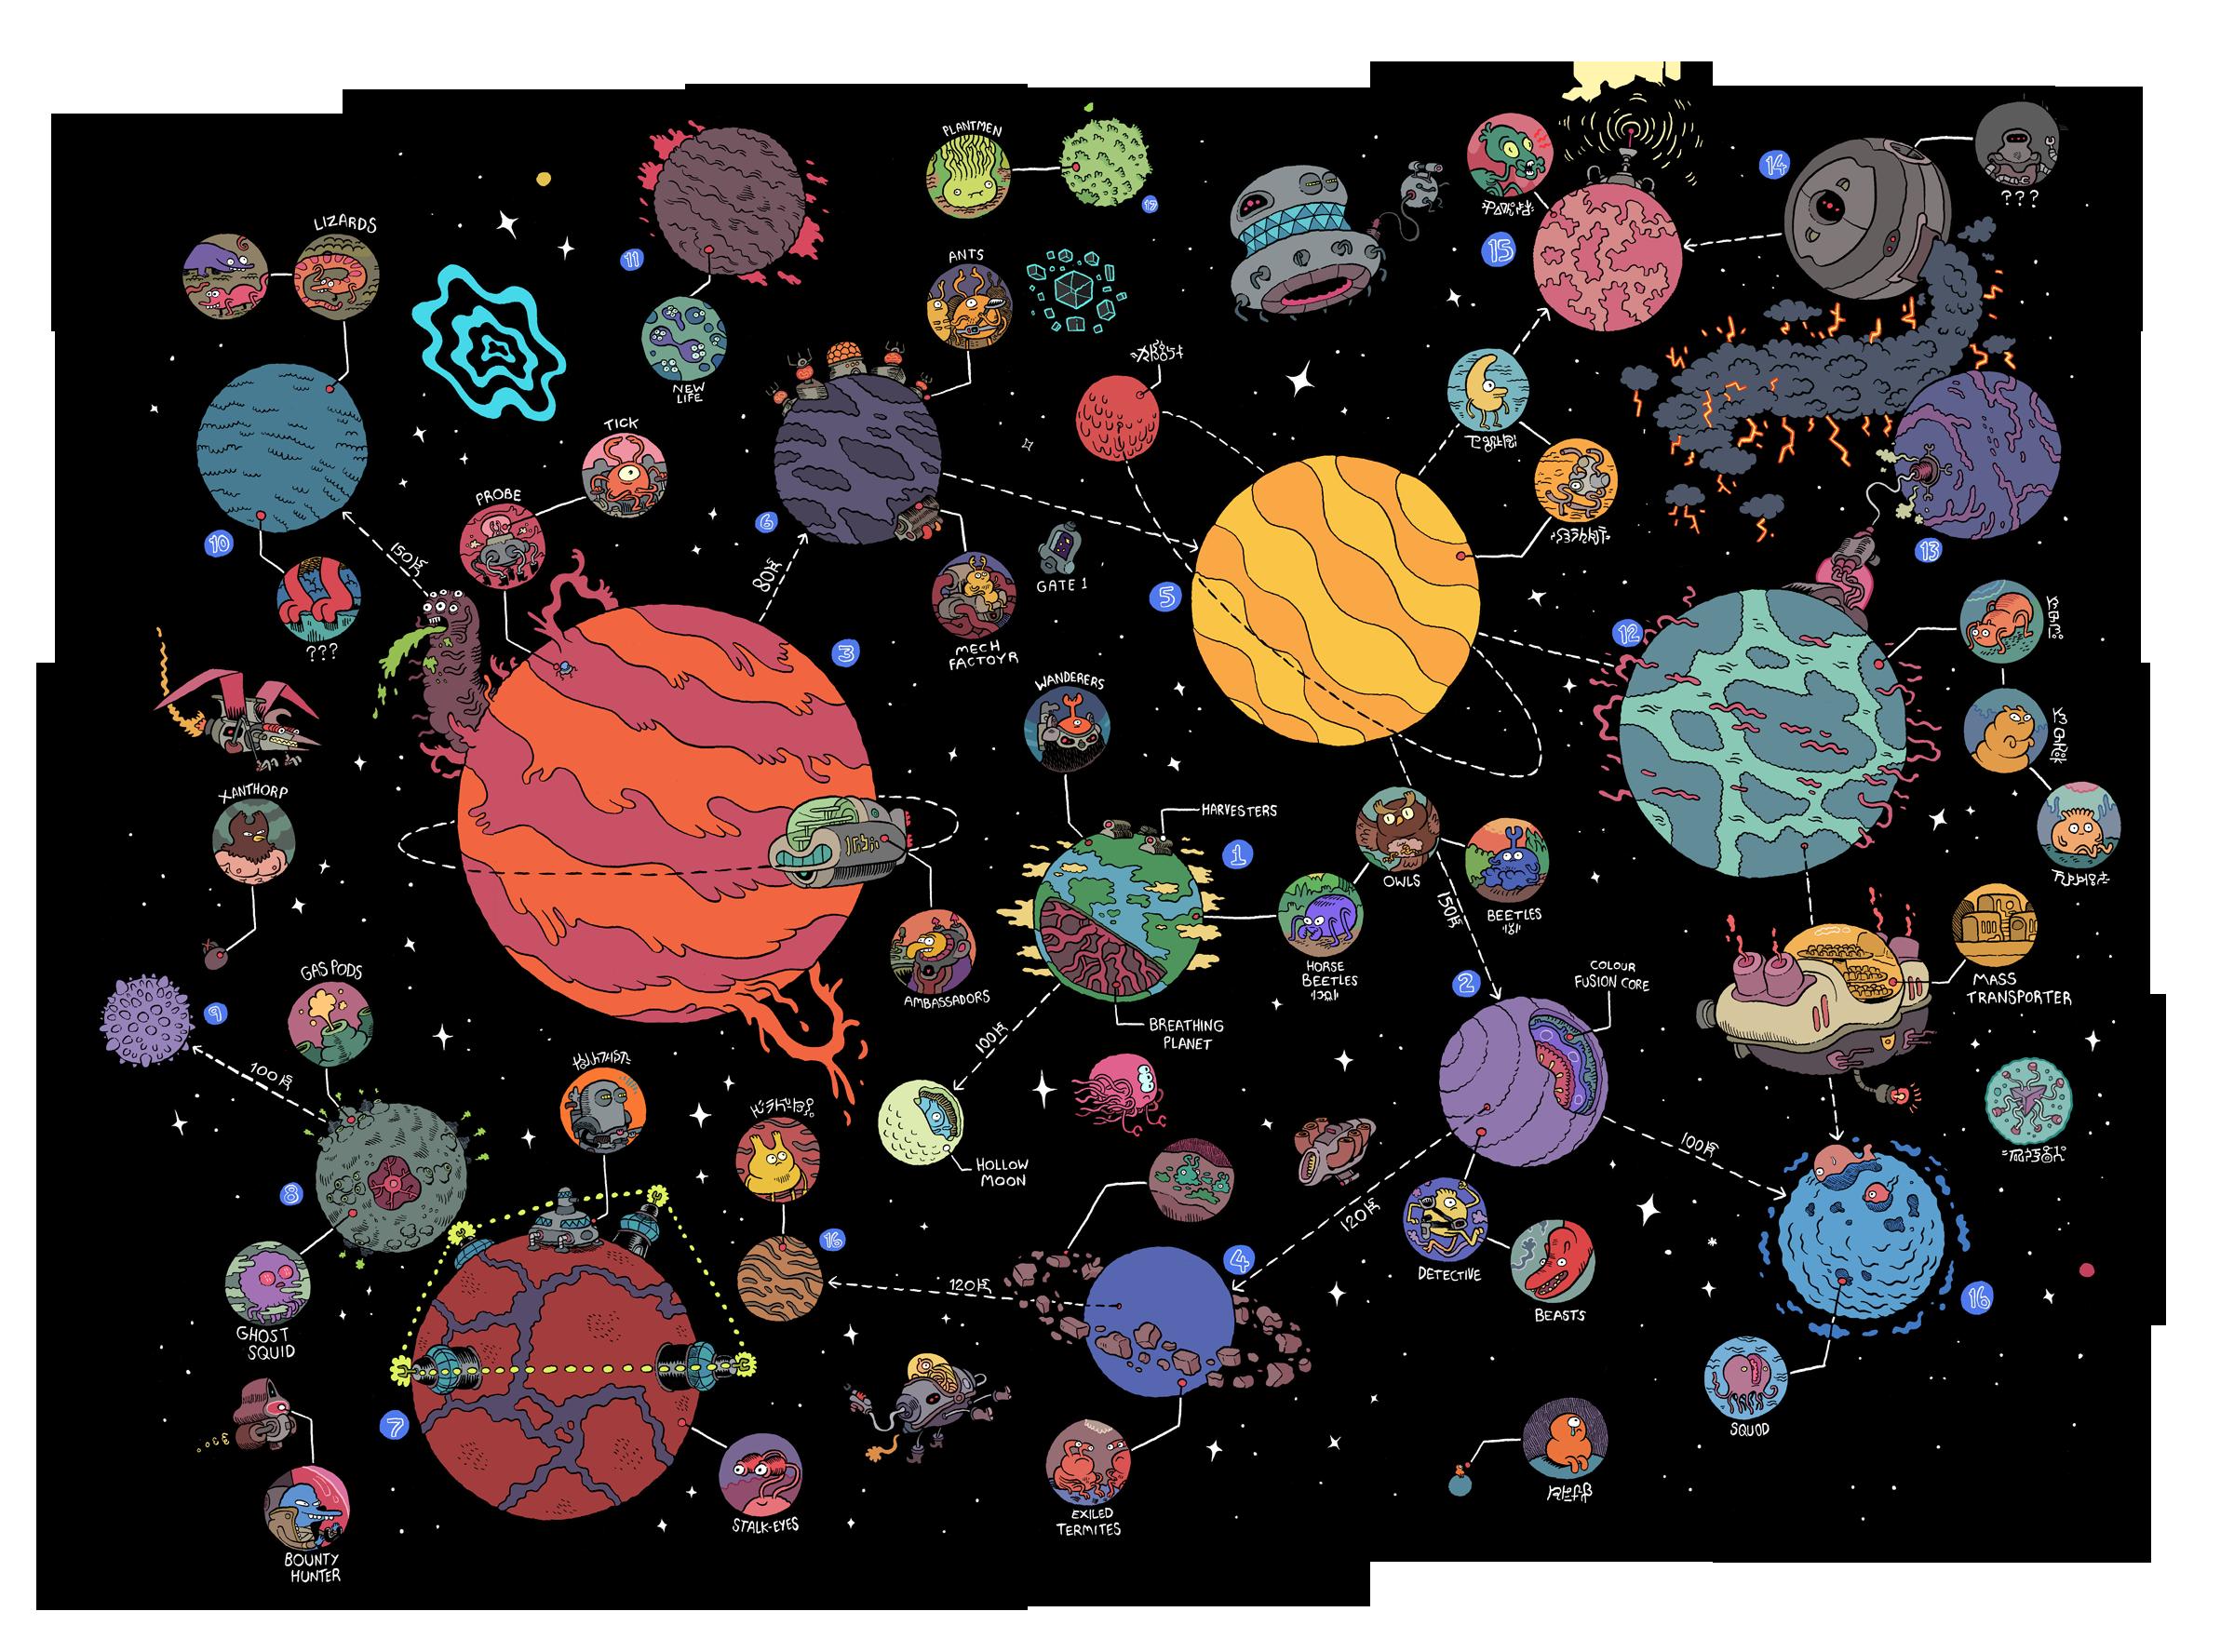 Solar System By Mrdynamite On Deviantart